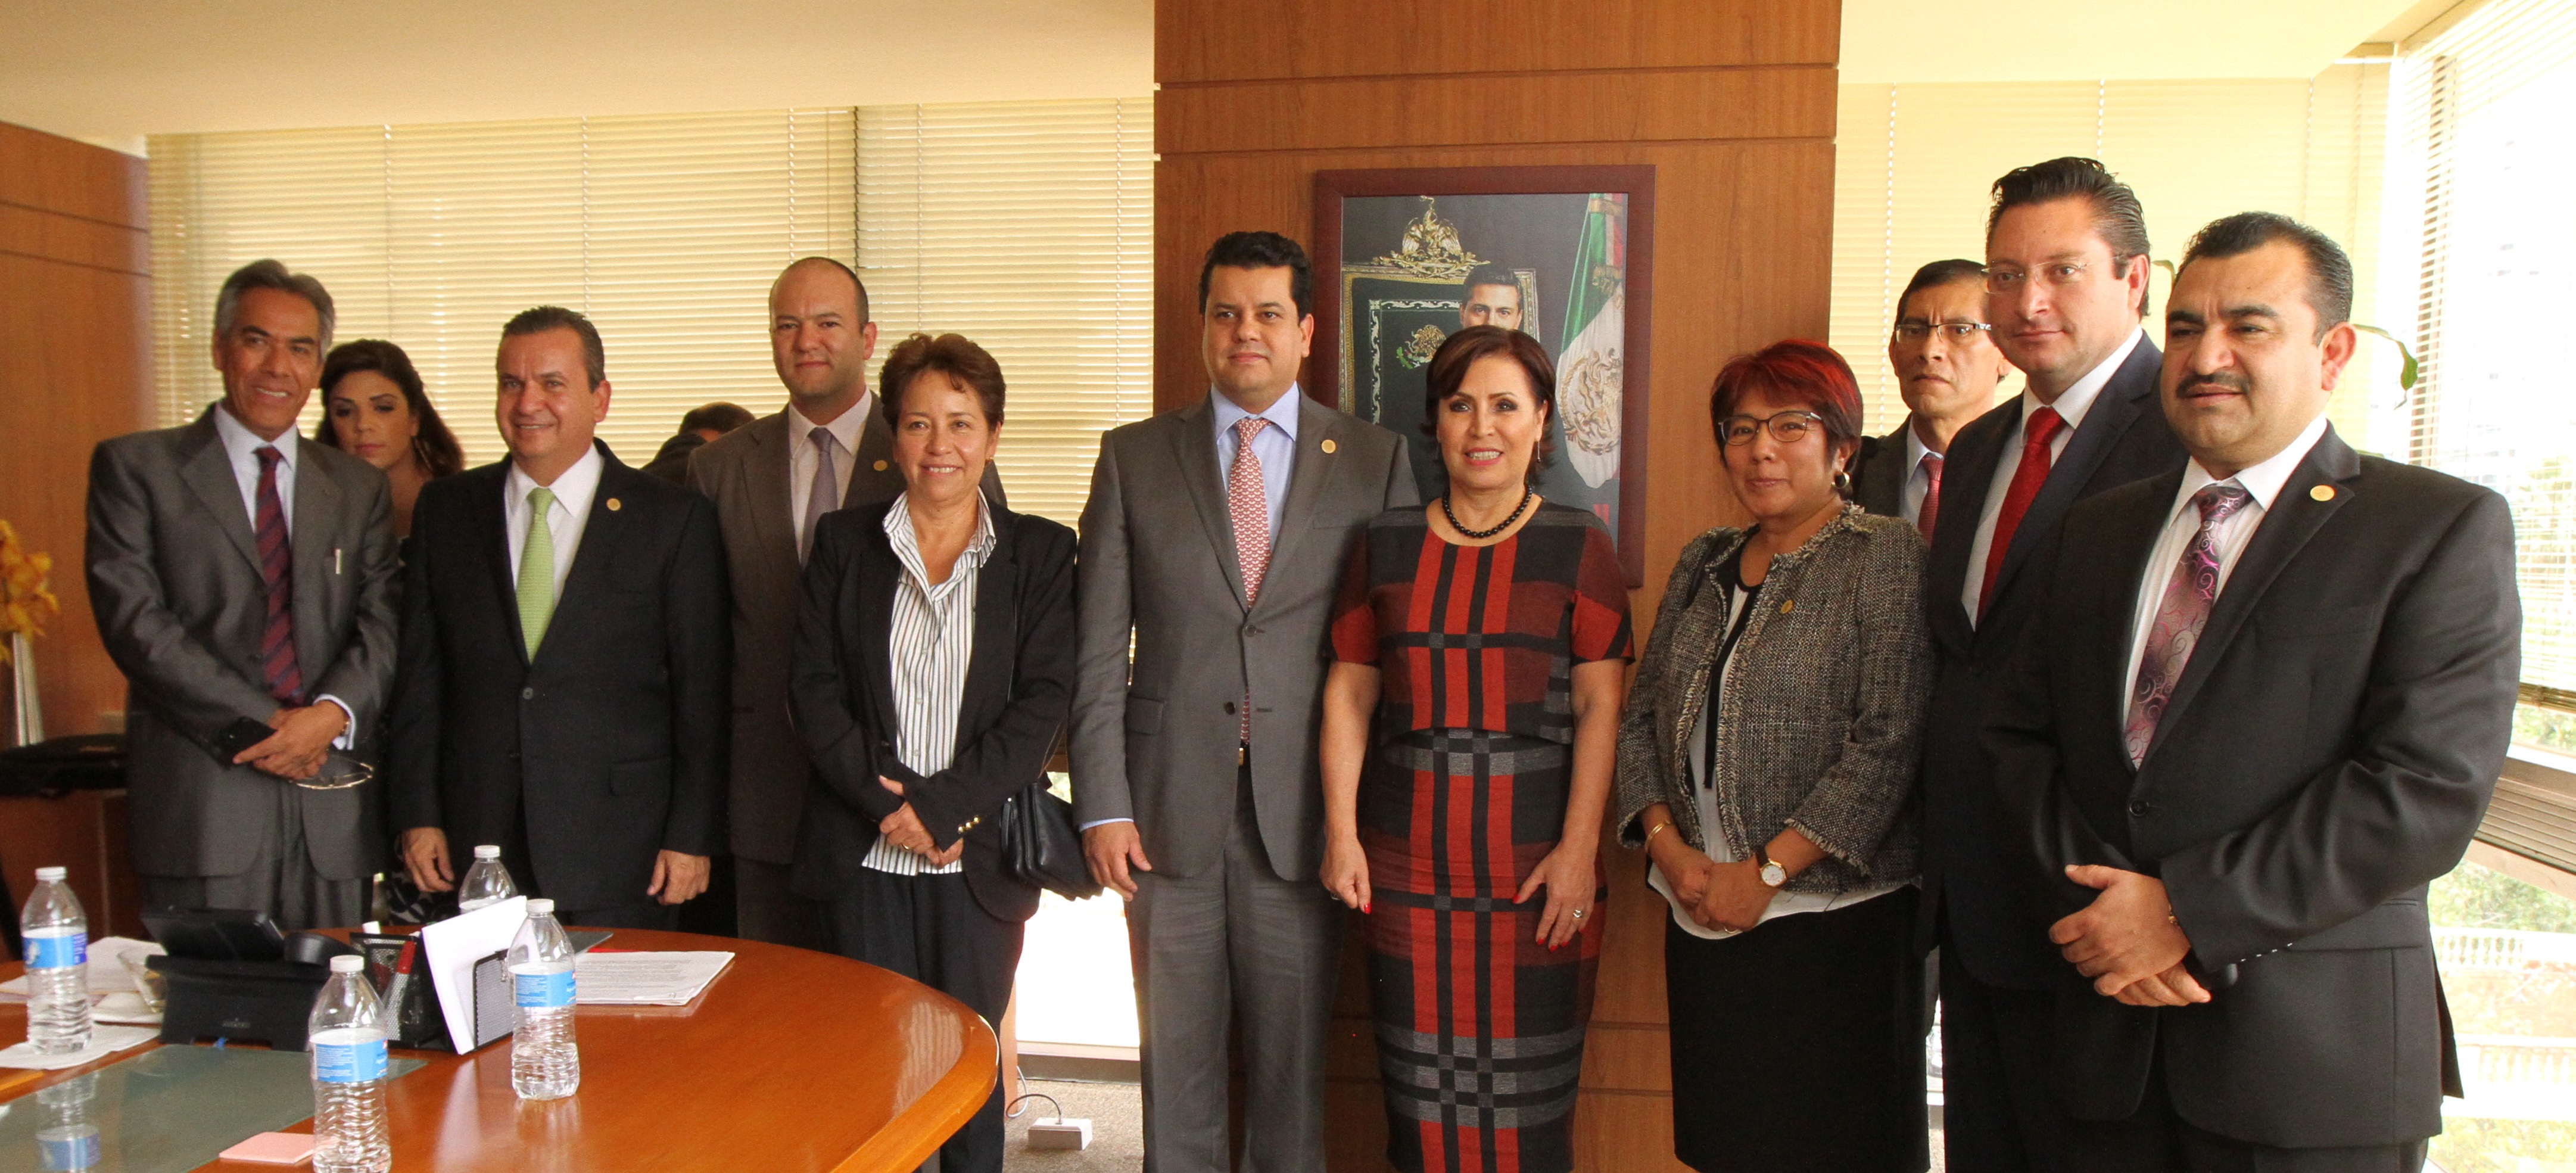 La maestra Rosario Robles recibió a la mesa directiva de la Comisión legislativa de Desarrollo Urbano y Ordenamiento Territorial, que preside el diputado federal, Raúl Domínguez Rex.